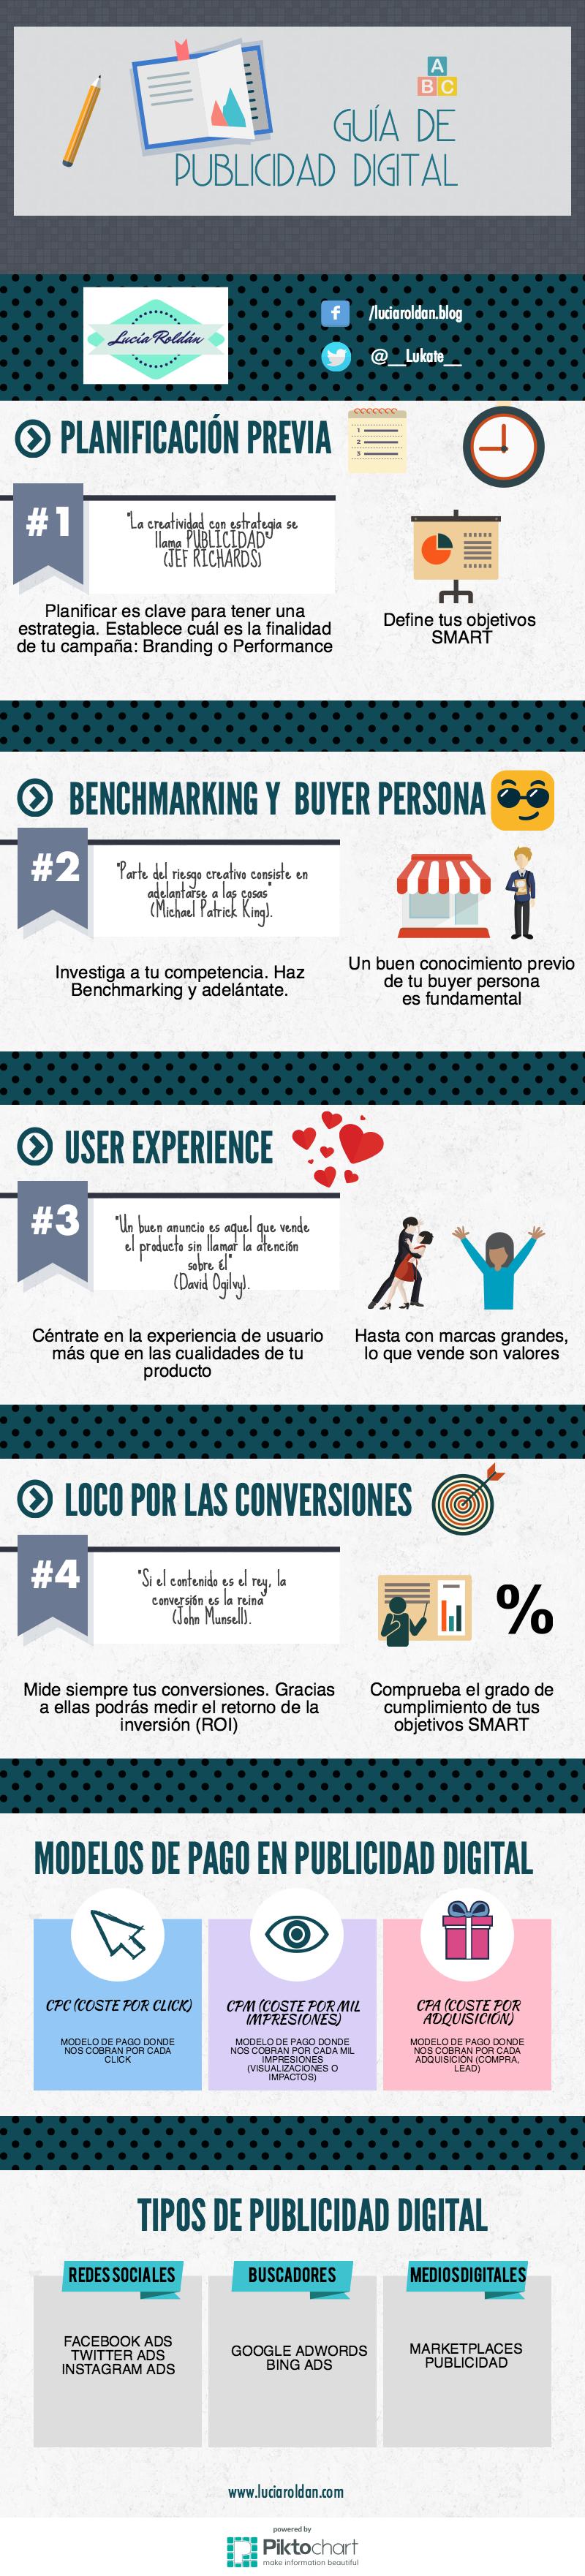 Guía de publicidad digital